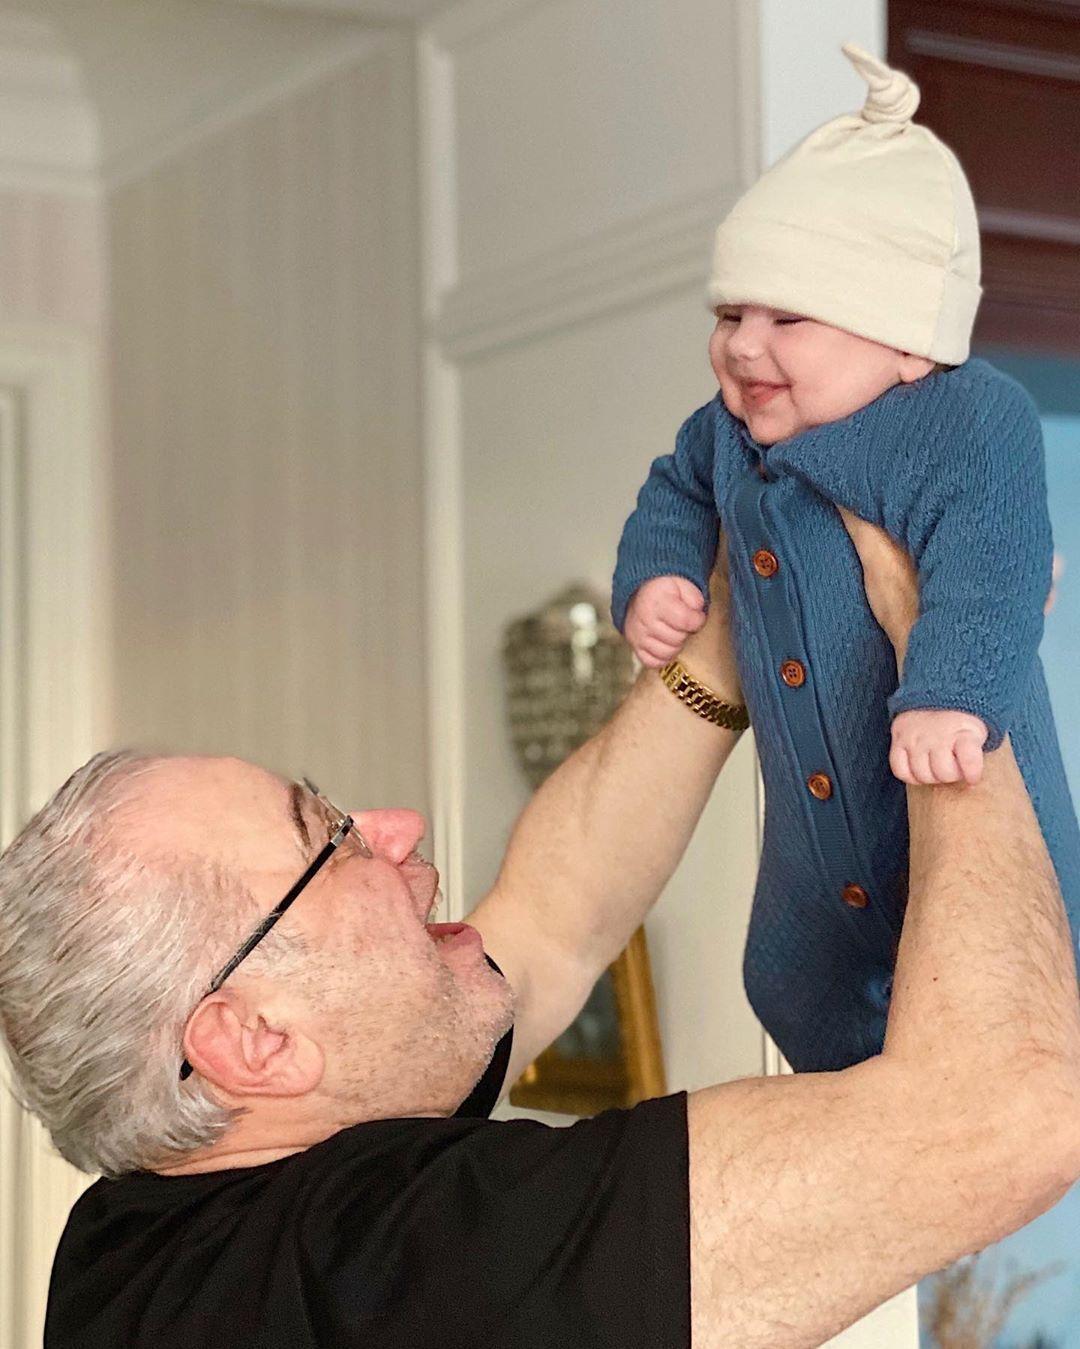 Евгений Петросян с сыном Ваганом (Instagram Евгения Петросяна)